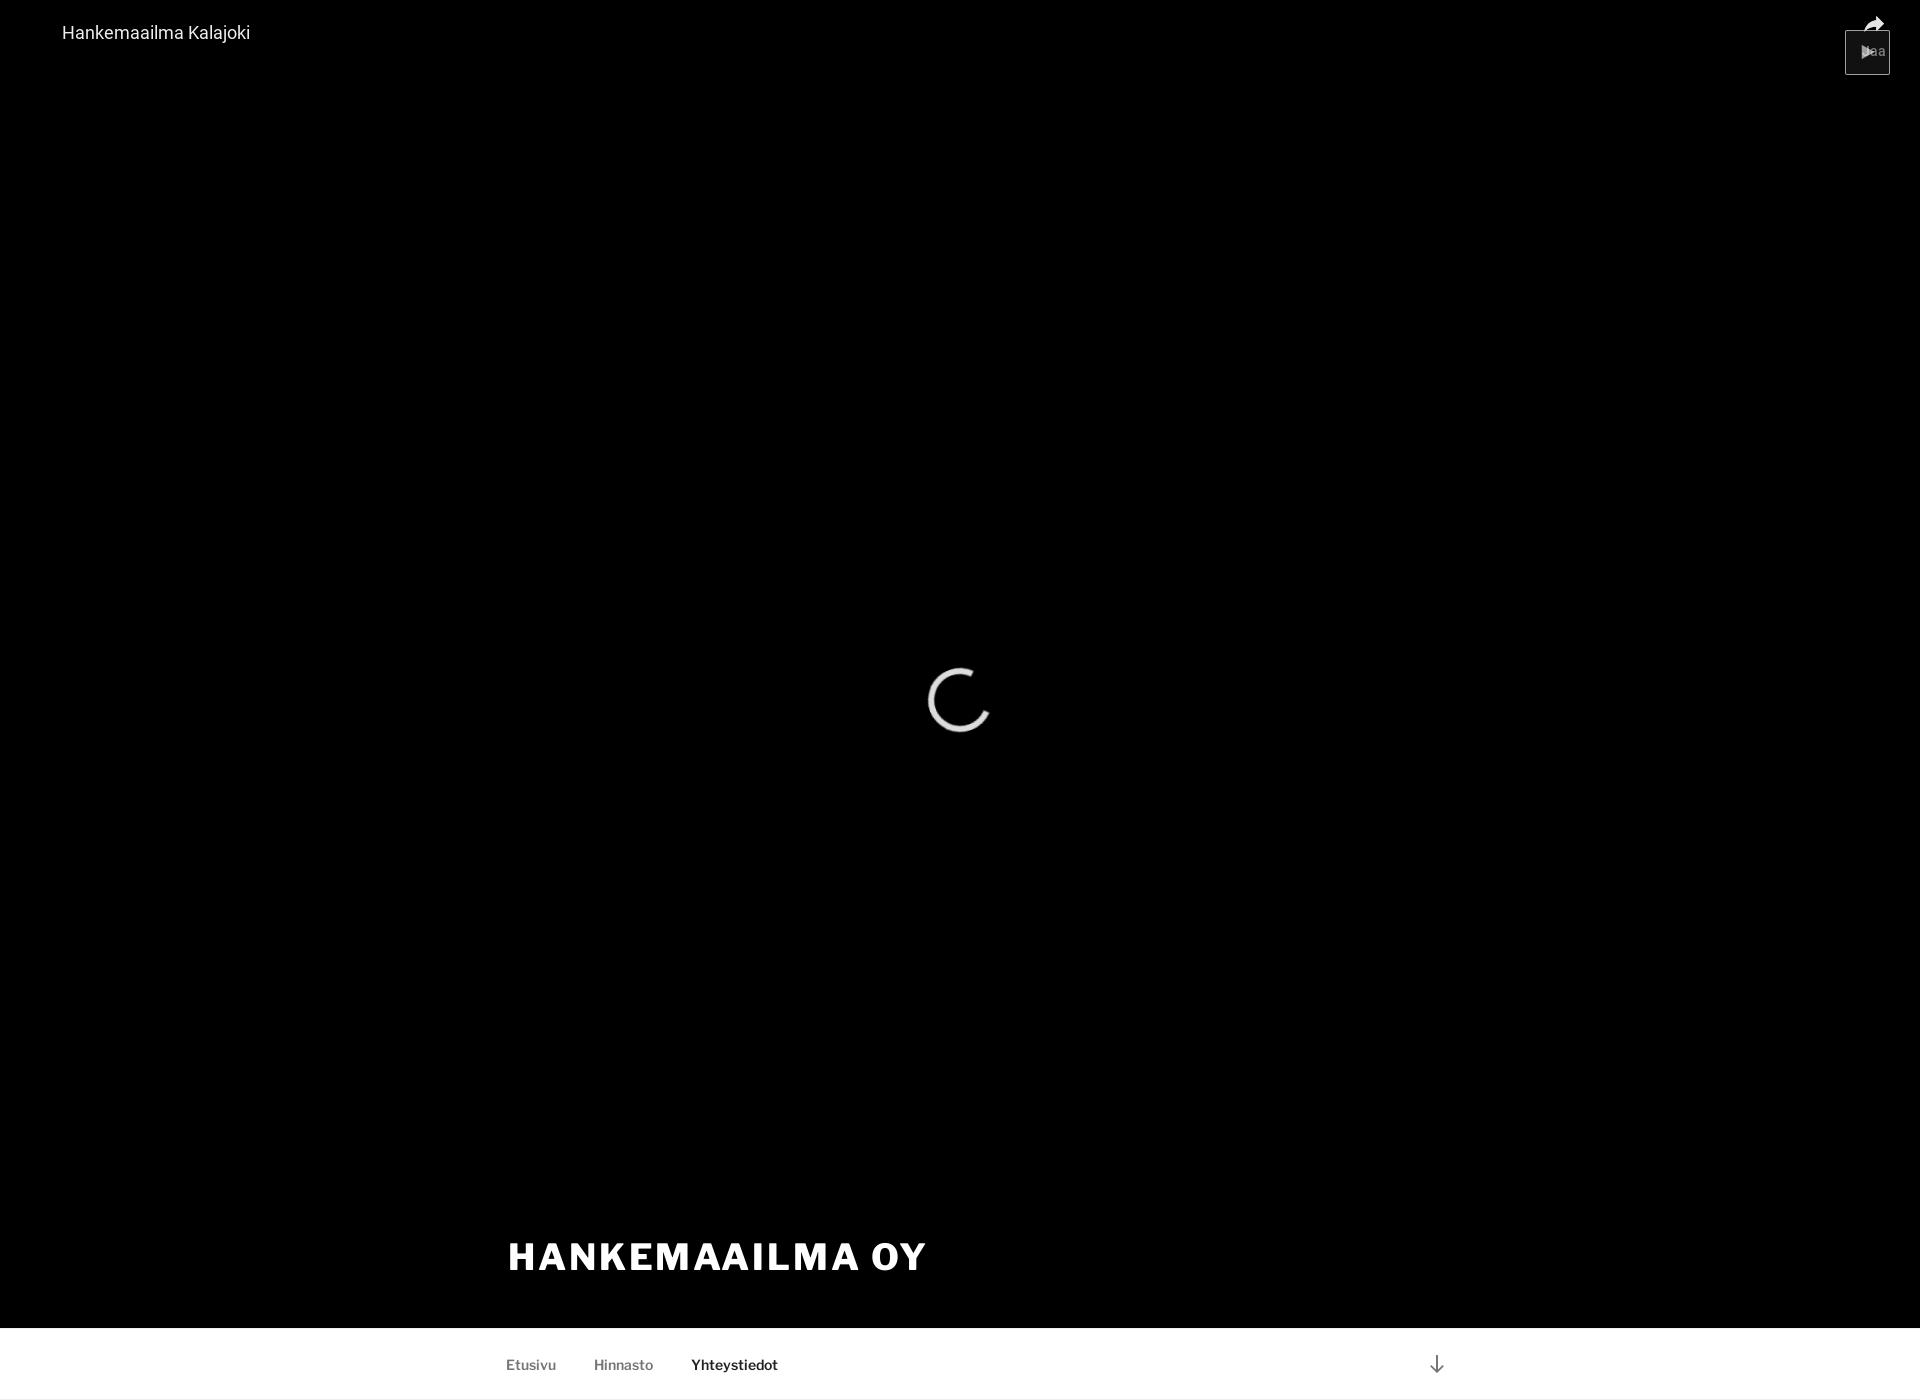 Screenshot for hankemaailma.fi